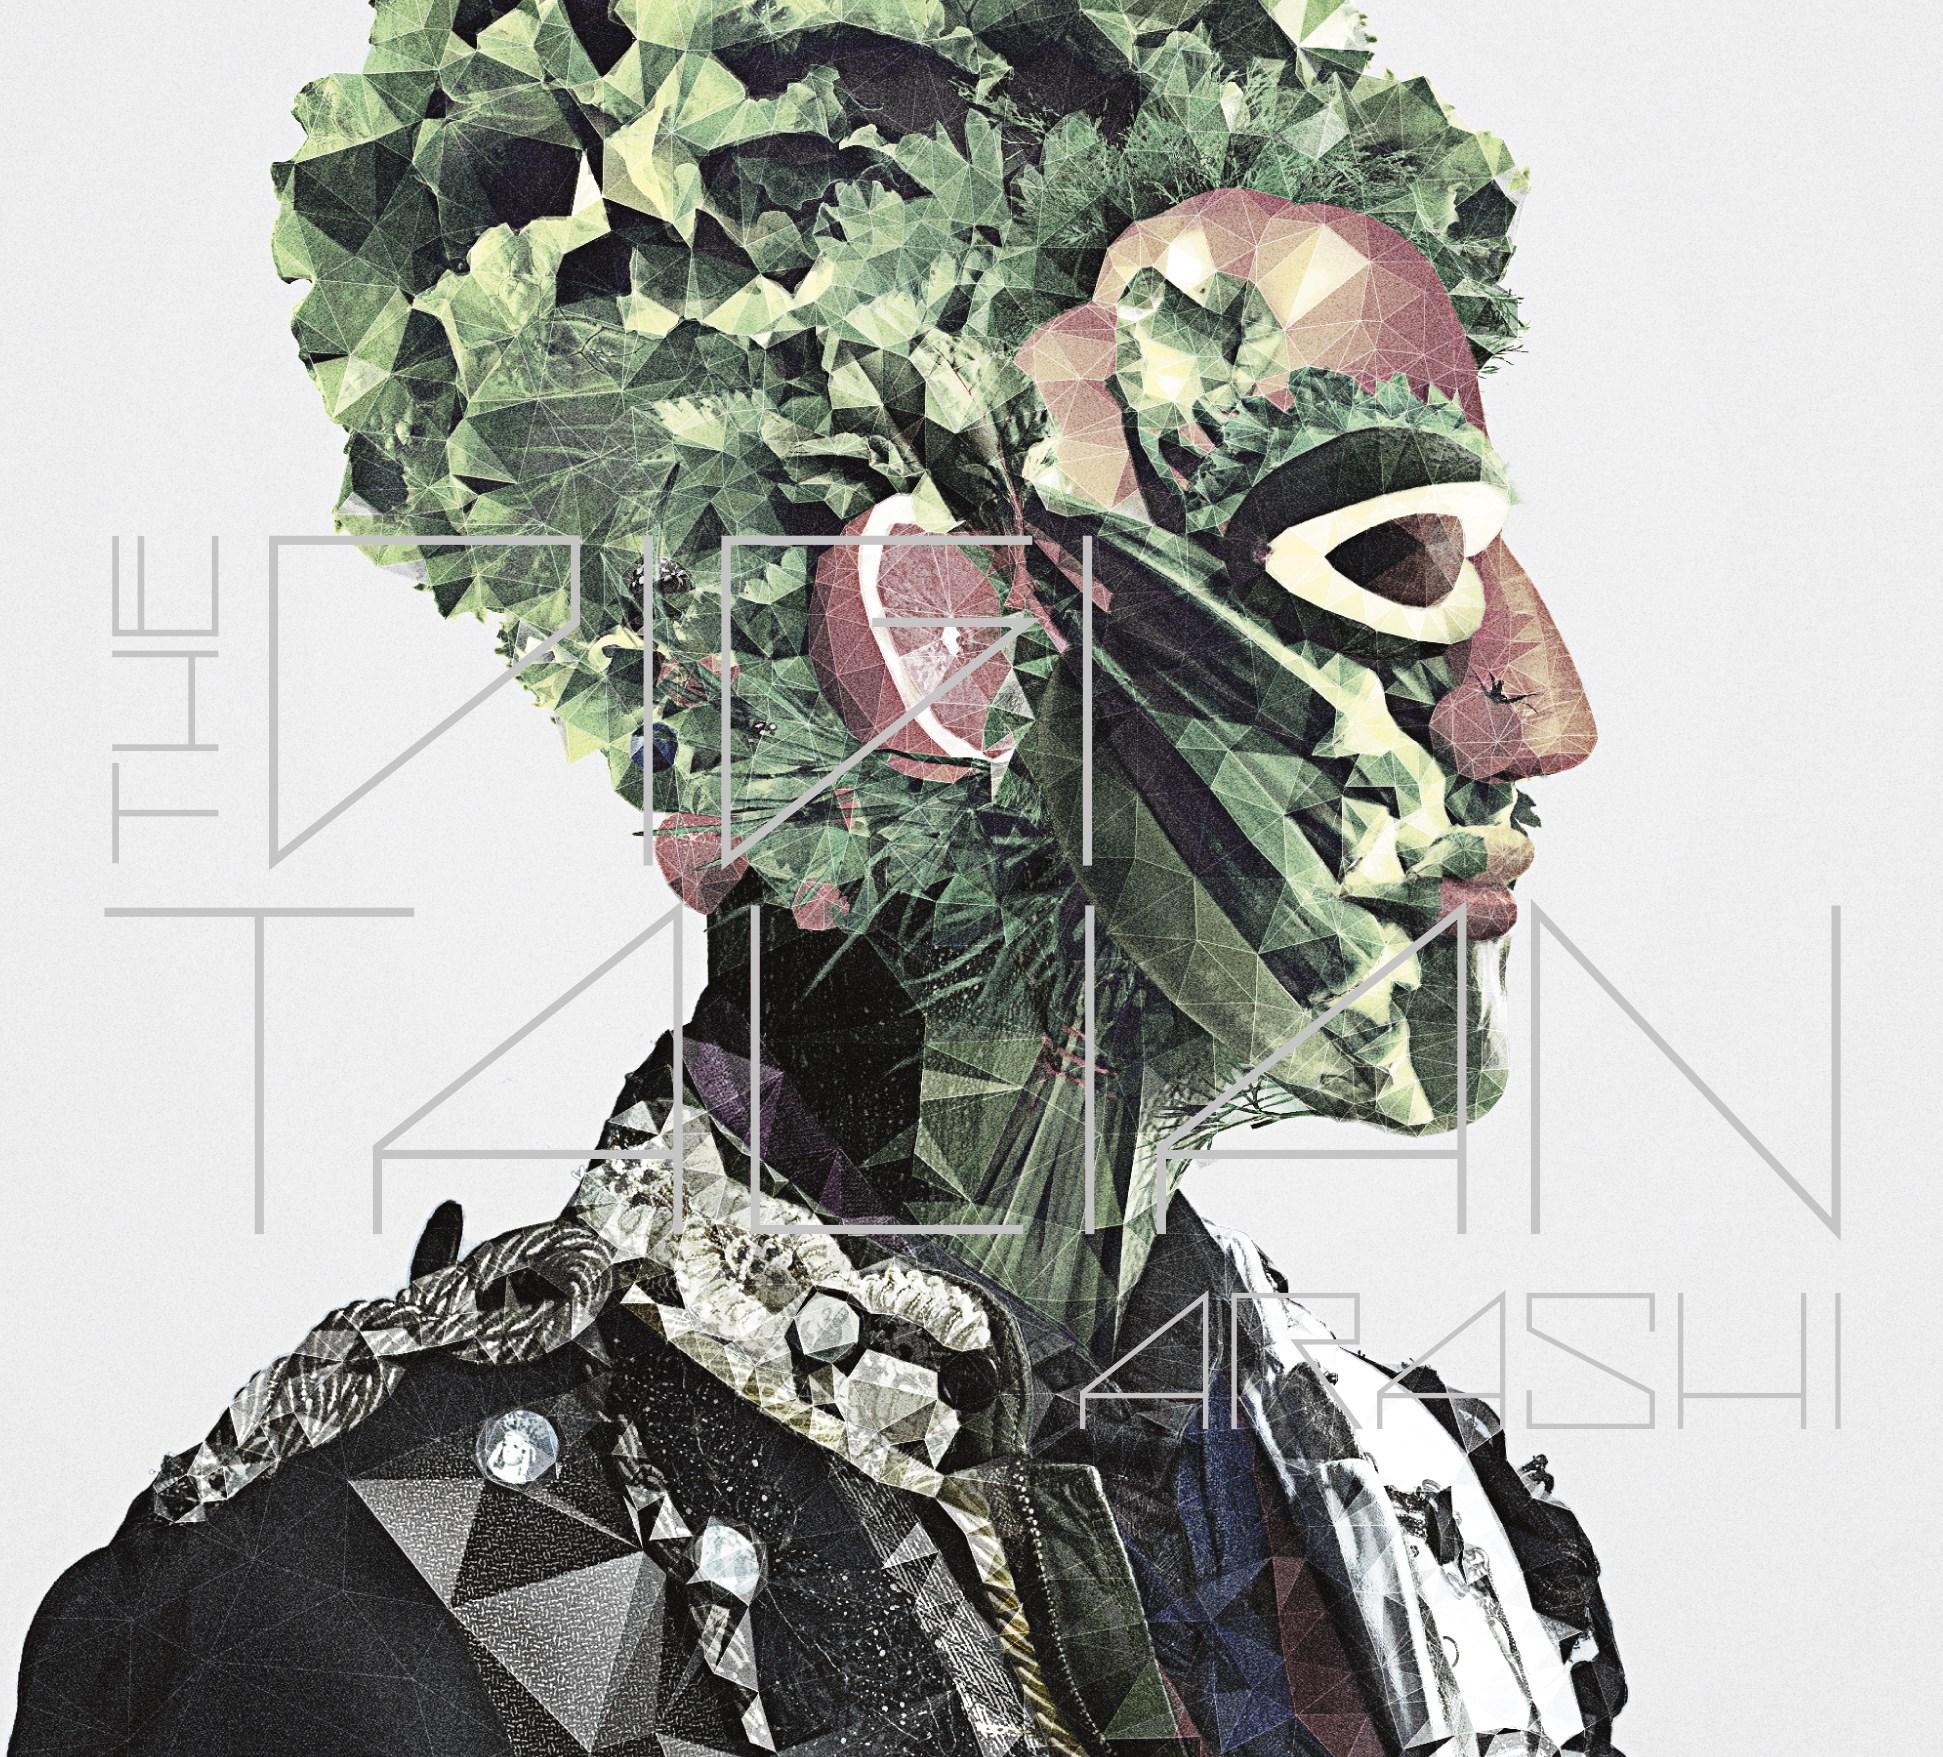 嵐 (あらし) 13thアルバム『THE DIGITALIAN (ザ・デジタリアン)』(初回限定盤) 高画質ジャケ写